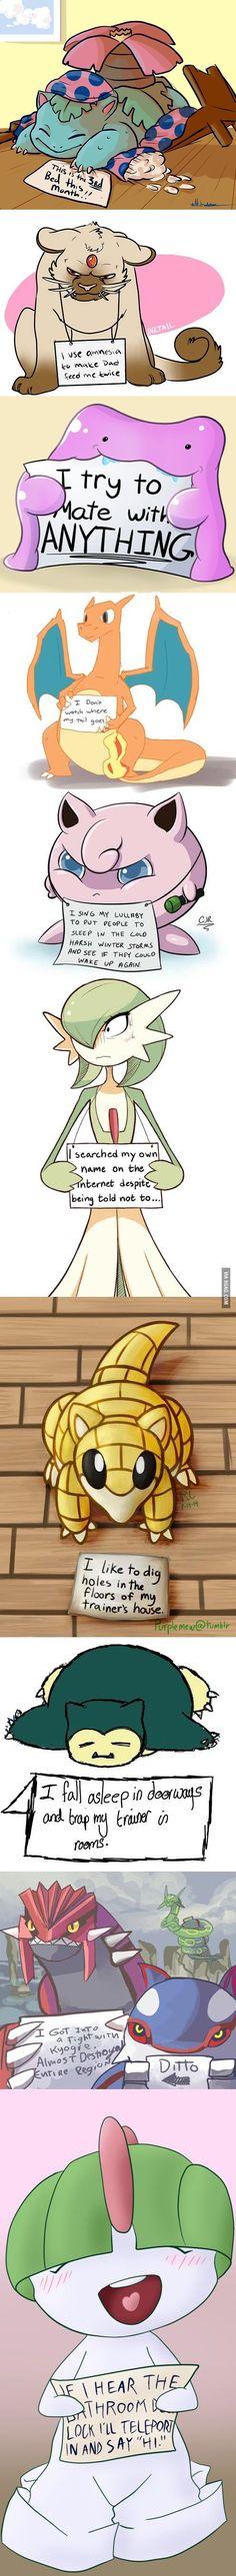 Pokemon shaming: